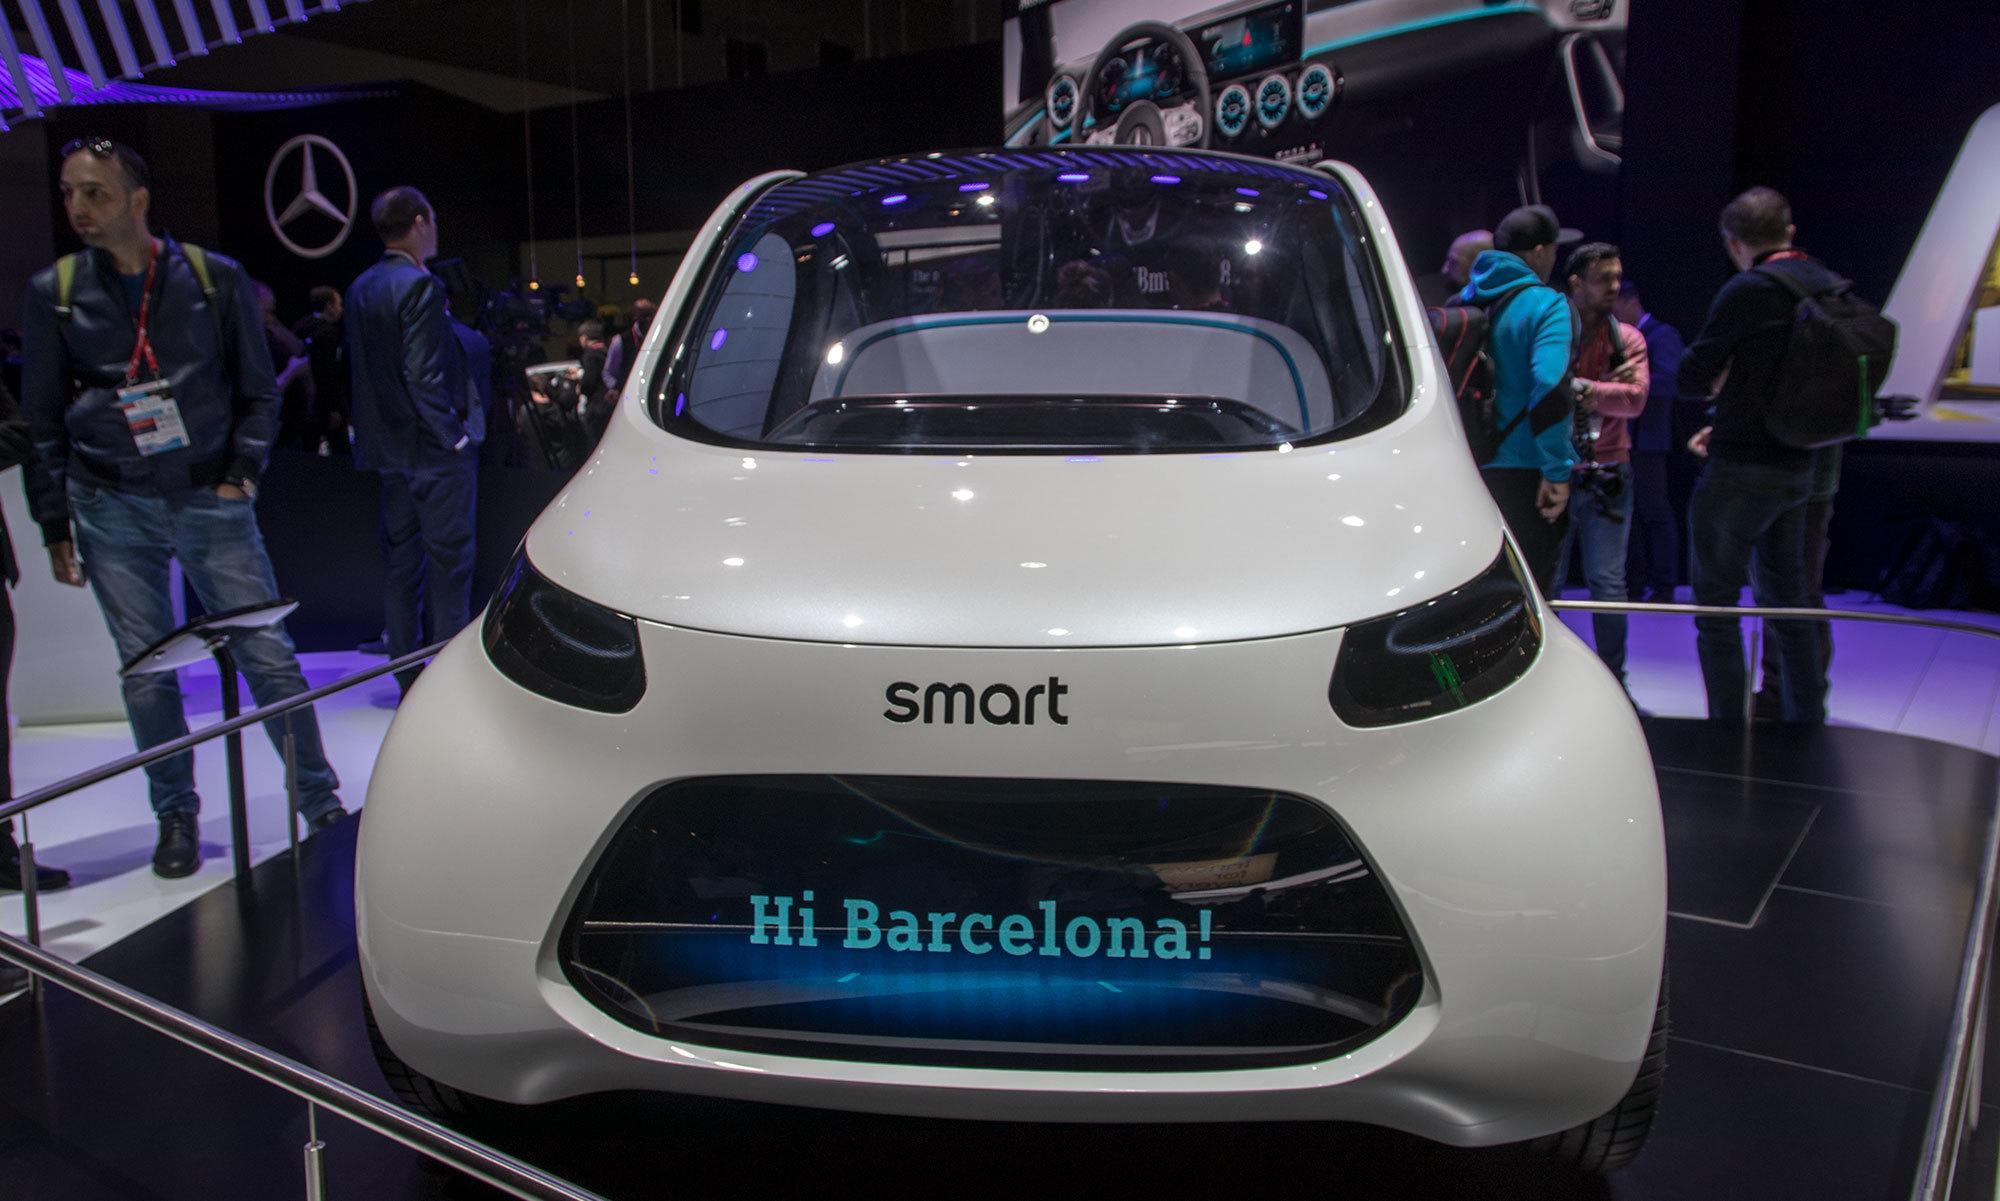 I framtiden hvor biler som dette kan fungere som taxier, vil skjermen foran kunne vise navnet på personen som har bestilt en kjøretur, slik at du vet at du har riktig bil.